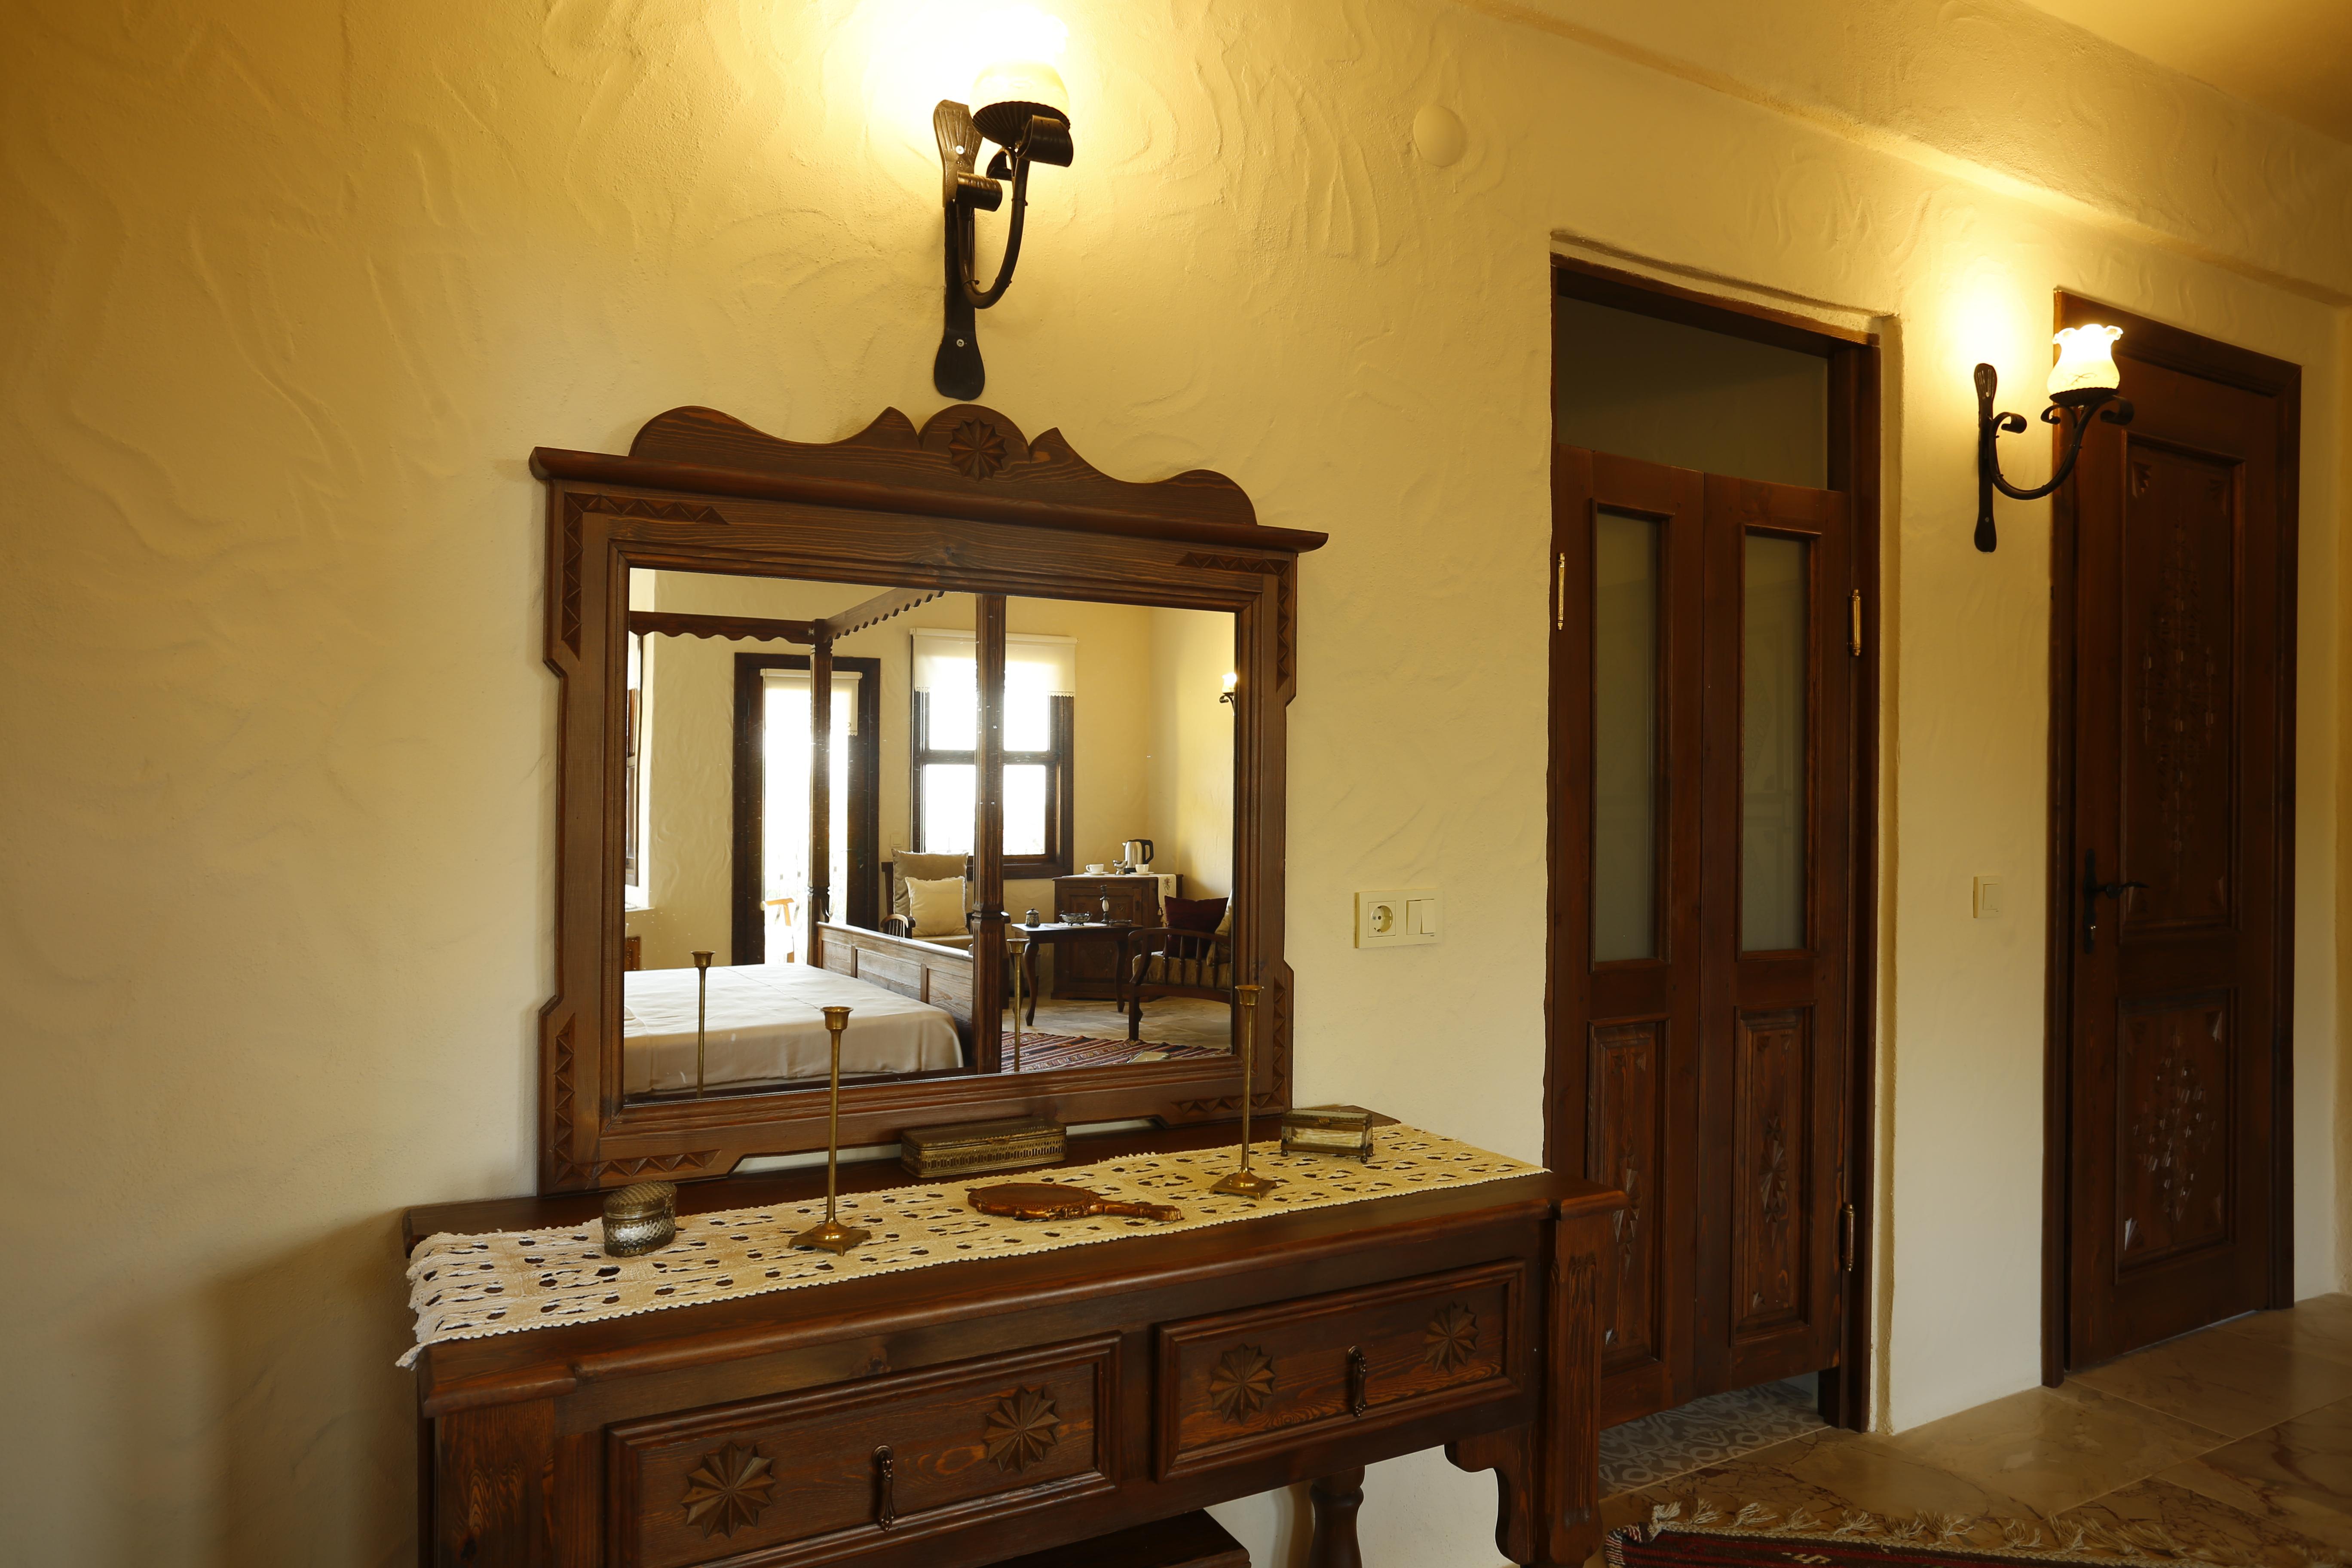 Appartement de vacances Luxuriöse Unterkunft und persönliches Ambiente in unzerstörter Natur. (2124814), Fethiye, , Région Egéenne, Turquie, image 12